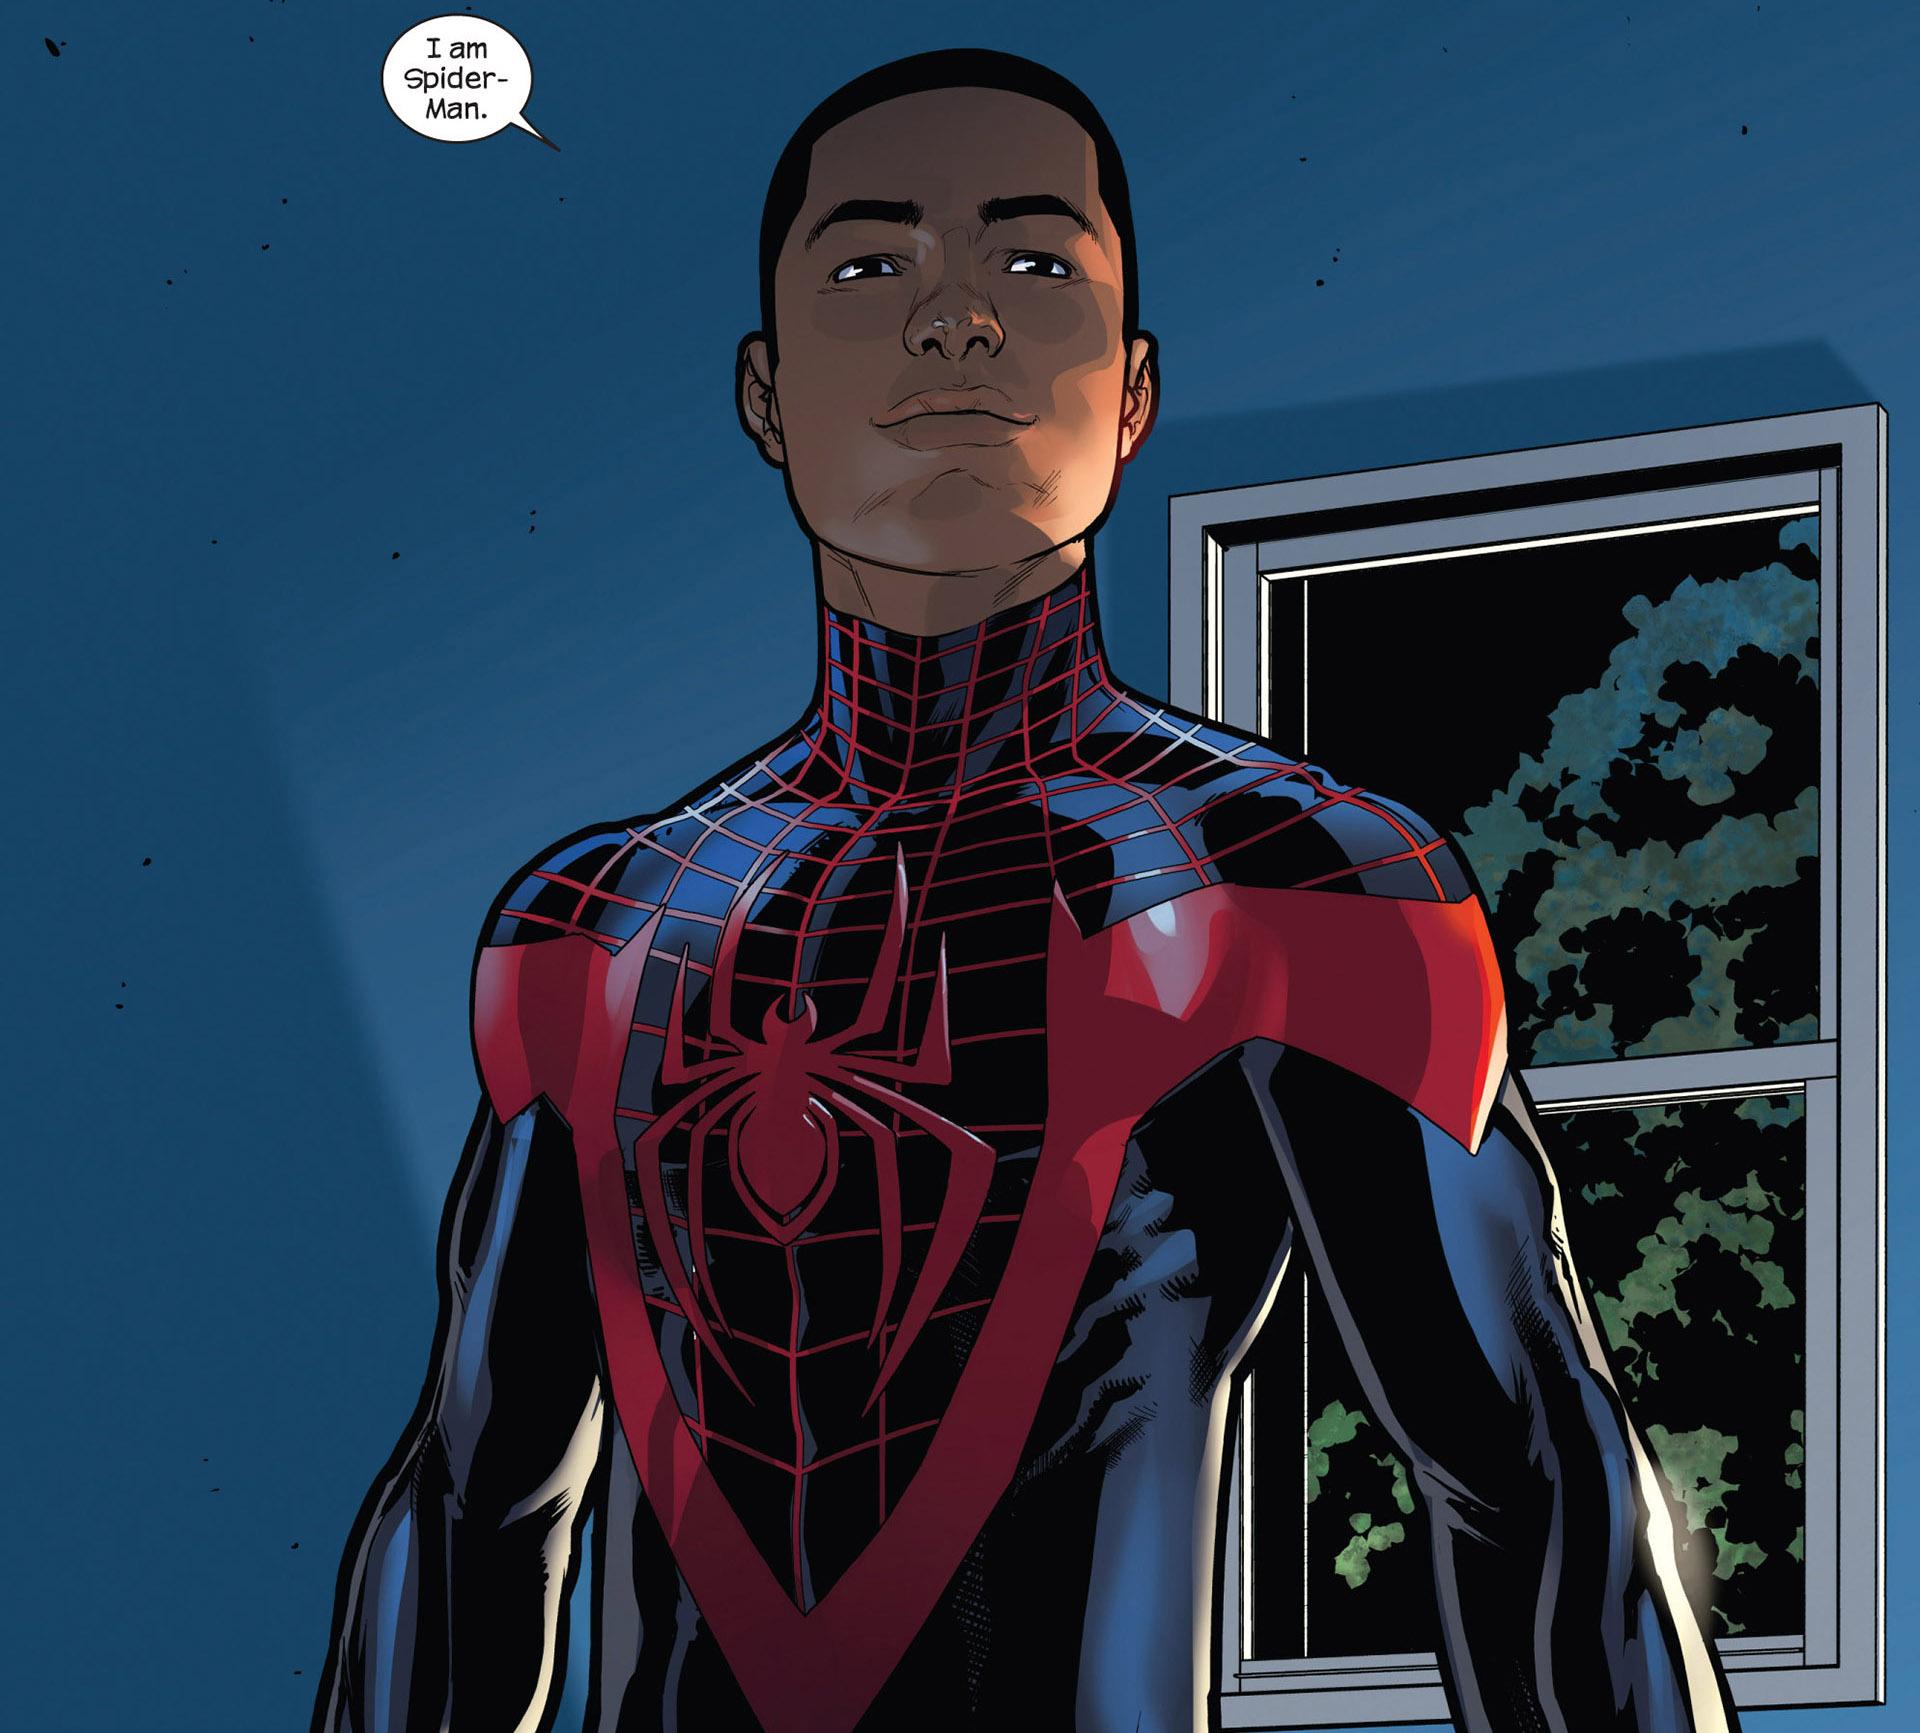 Герои Marvel меняются, а люди как были... - Изображение 3